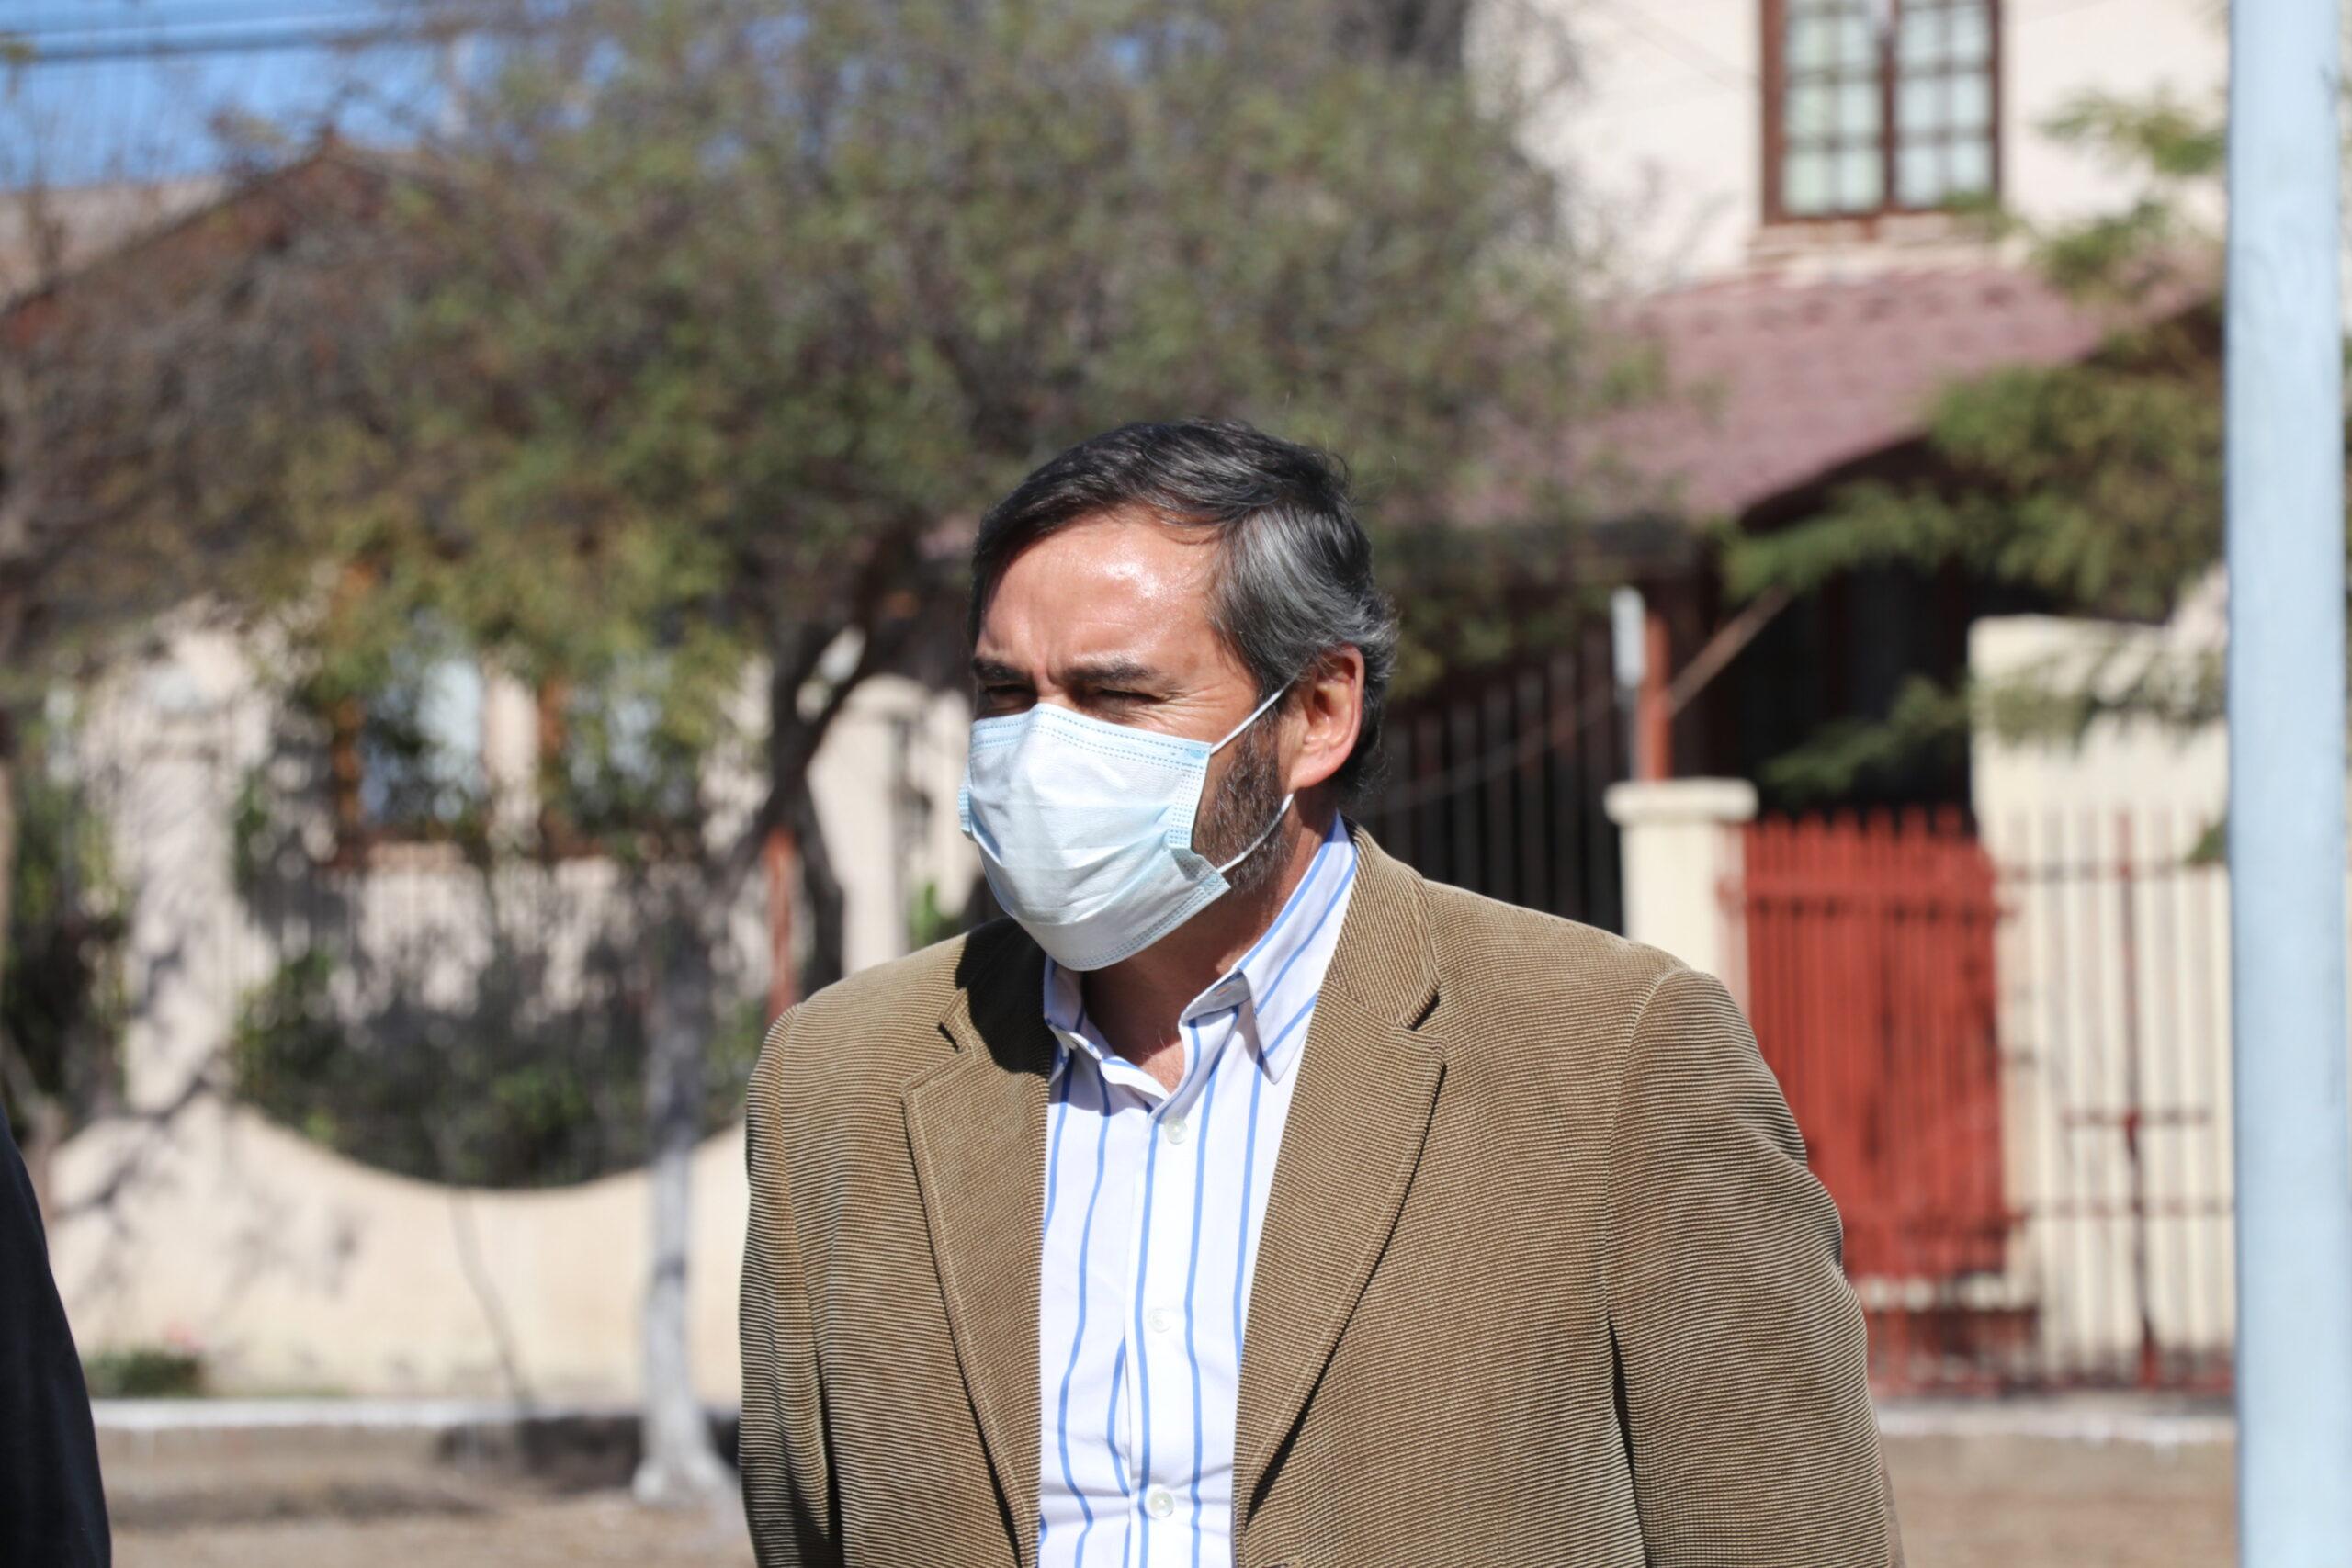 """Eduardo Espinoza Rodriguez, jefe de la Unidad Jurídica del municipio de Vallenar: """"Se busca es que el municipio trabaje bajo la norma y hacer todo bajo lo que la ley nos mandata"""""""